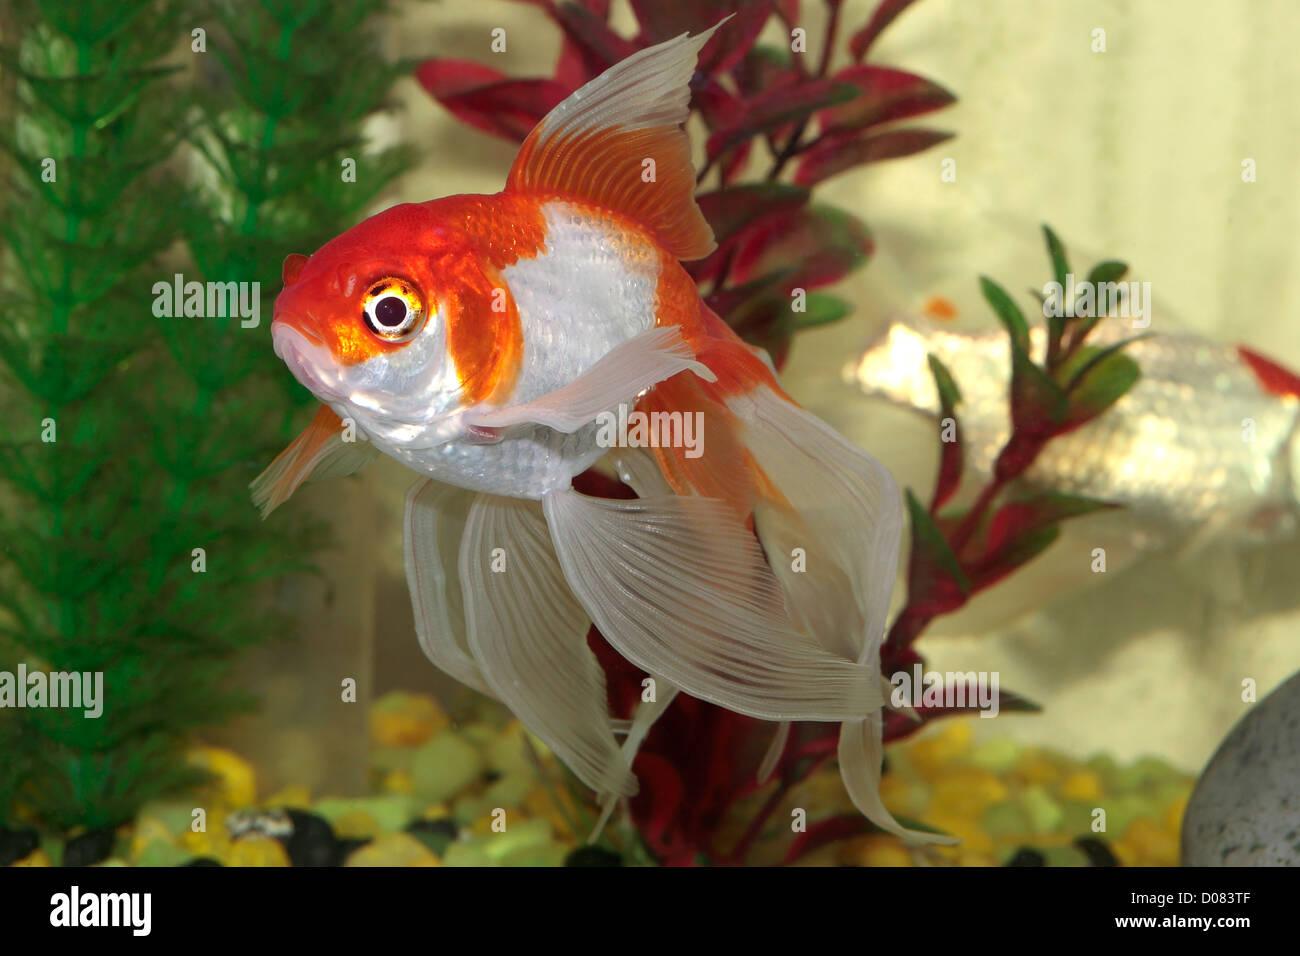 Oranda Goldfish Stock Photos & Oranda Goldfish Stock Images